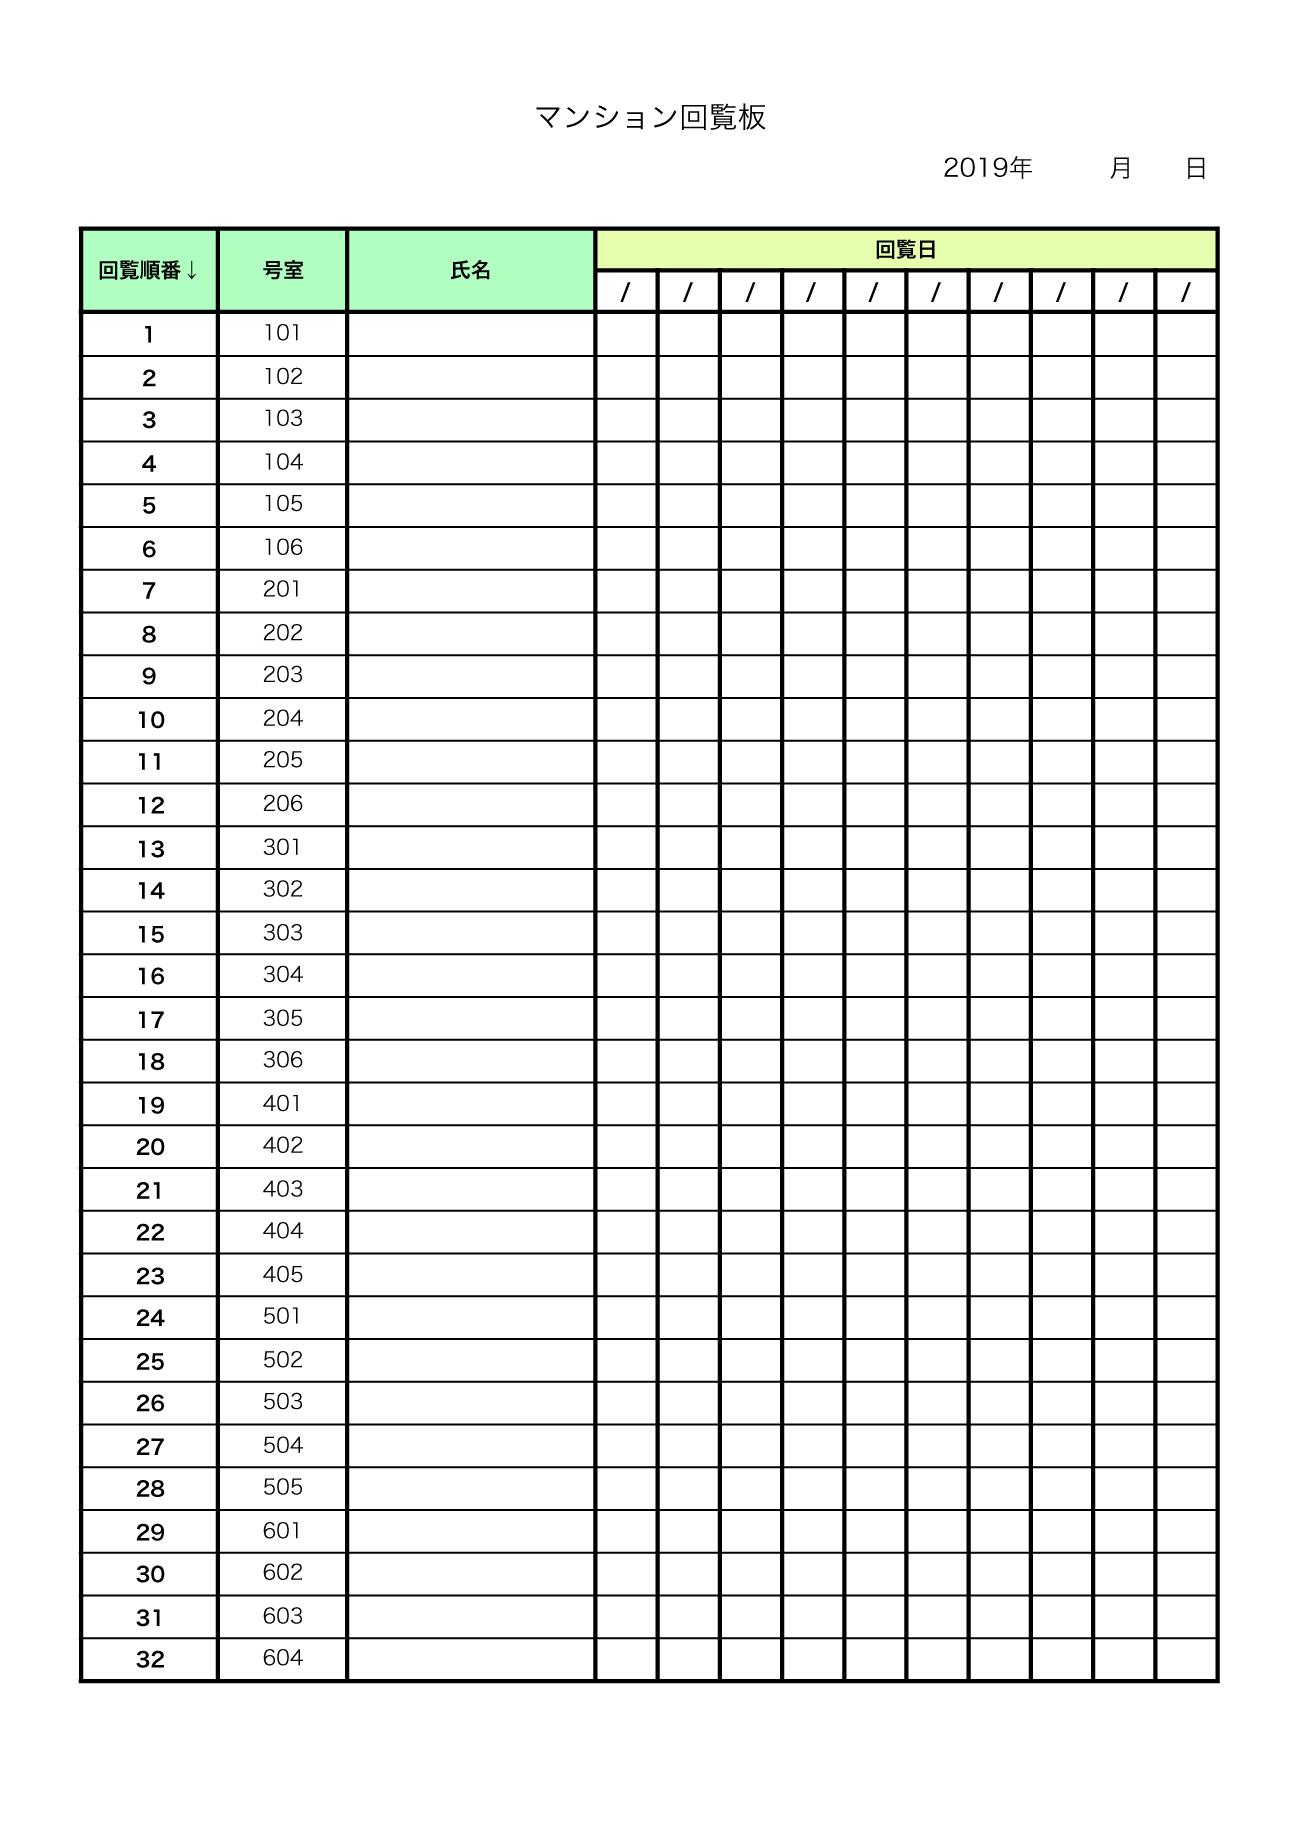 マンション用の回覧板テンプレート